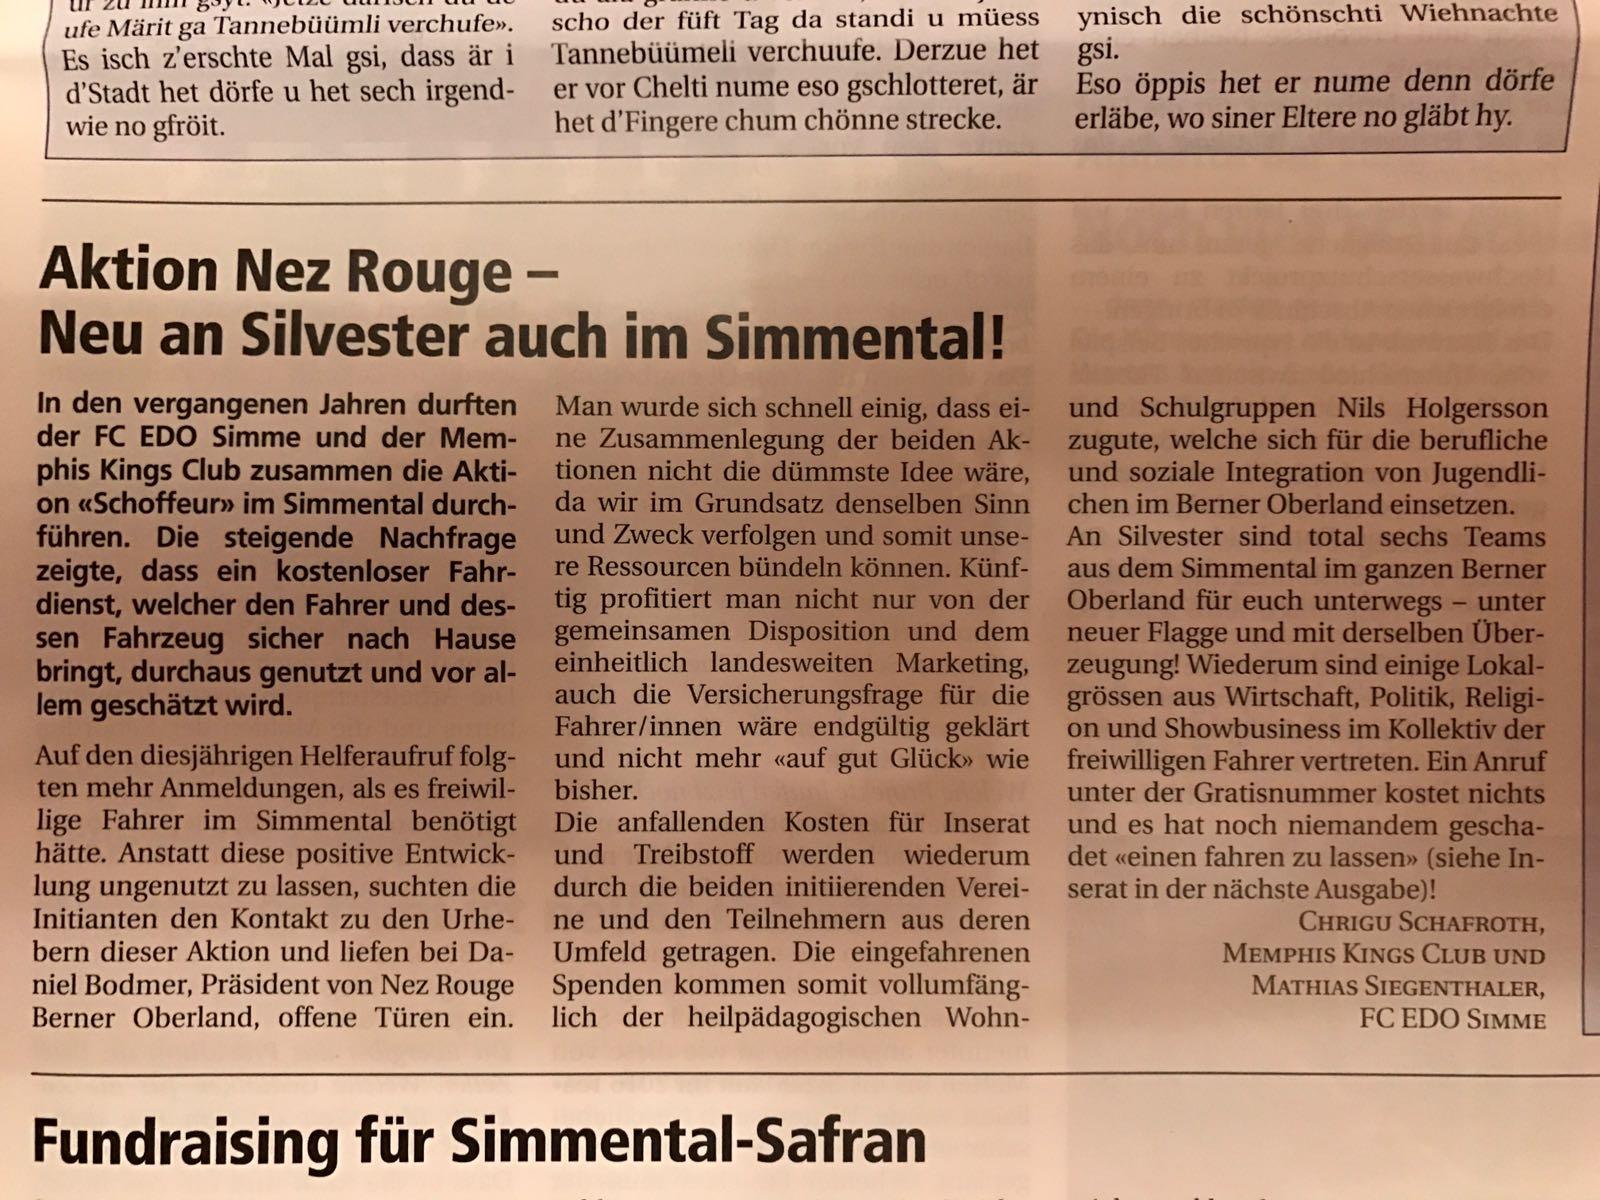 Simmentaler Zeitung 21.12.2016 - Pressebericht Simmentaler Zeitung